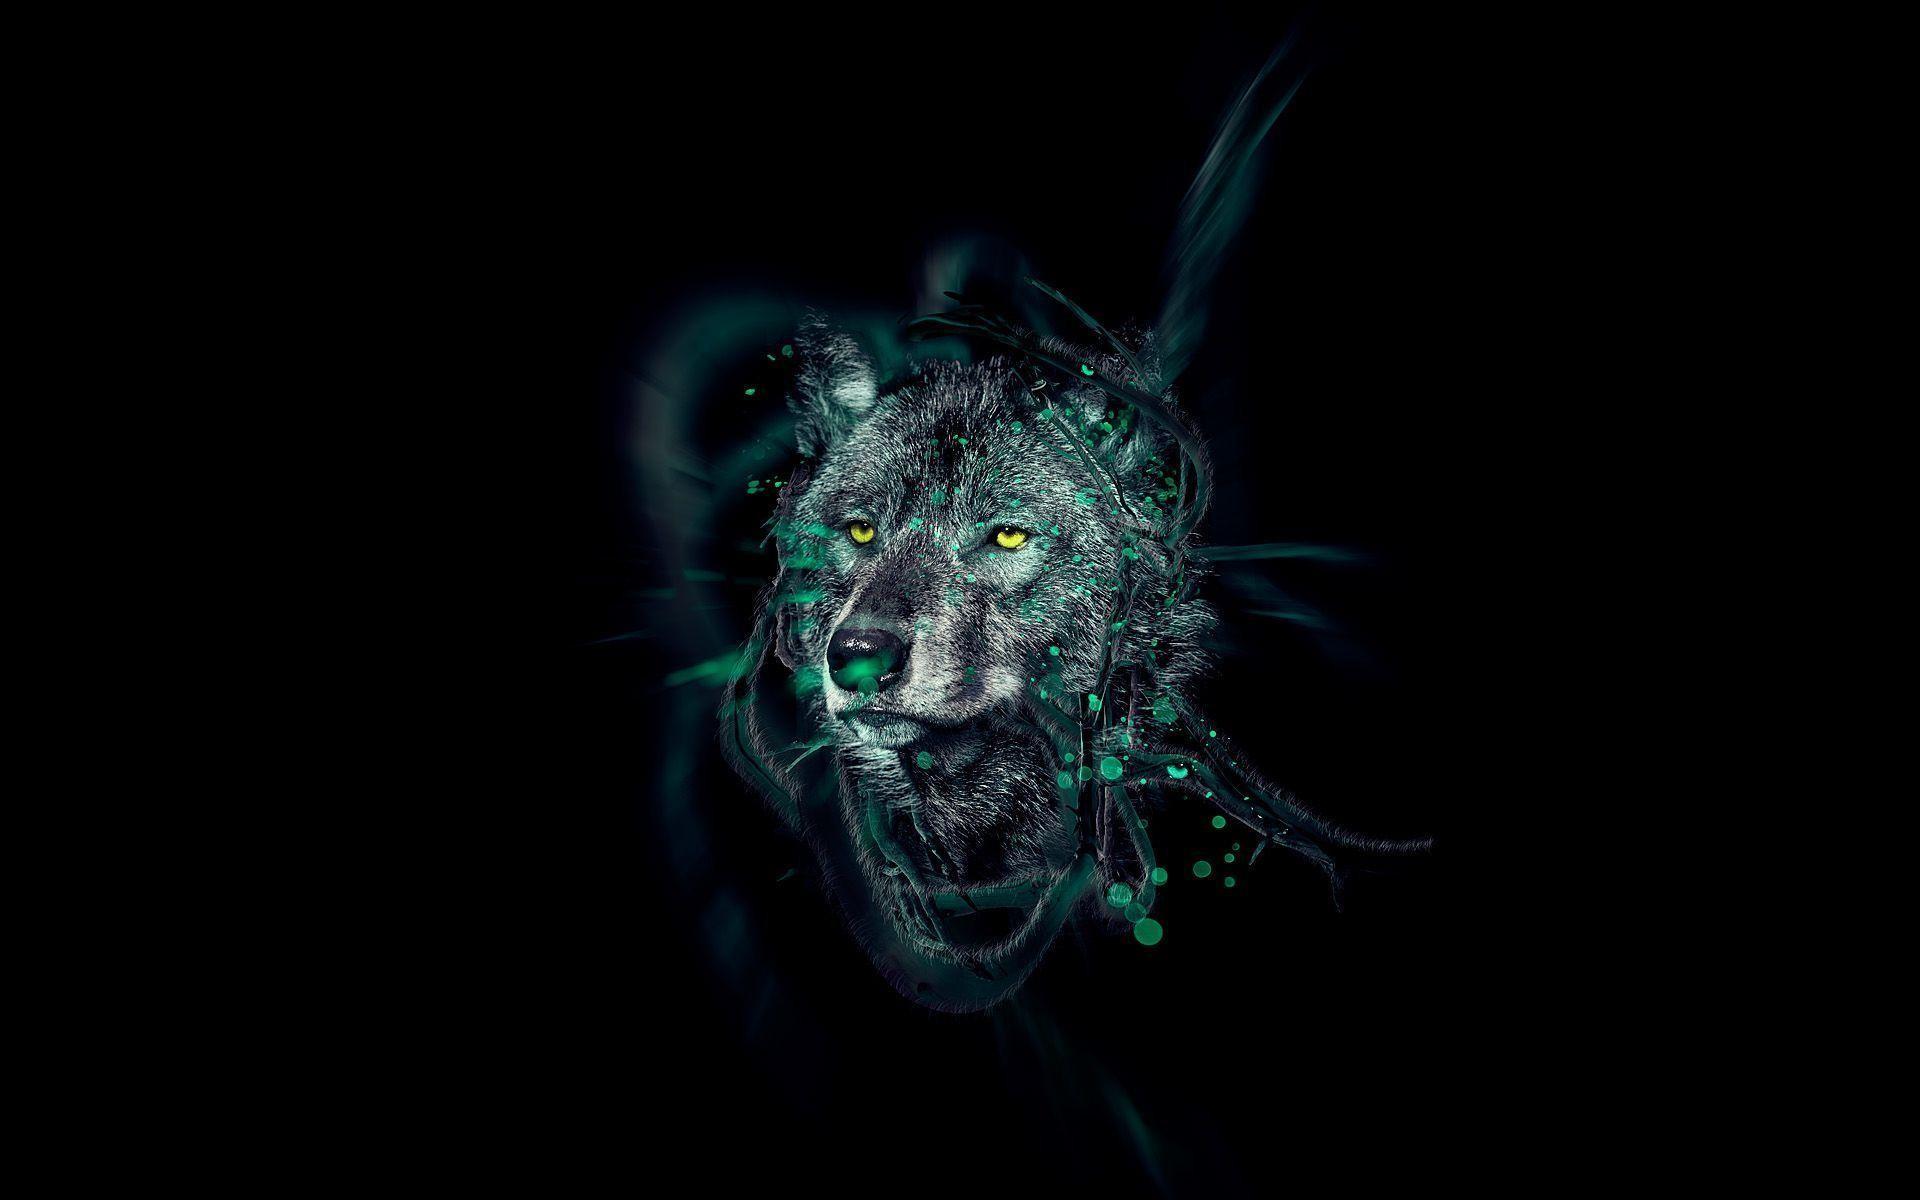 Neon Animals Wallpapers – Ayleet